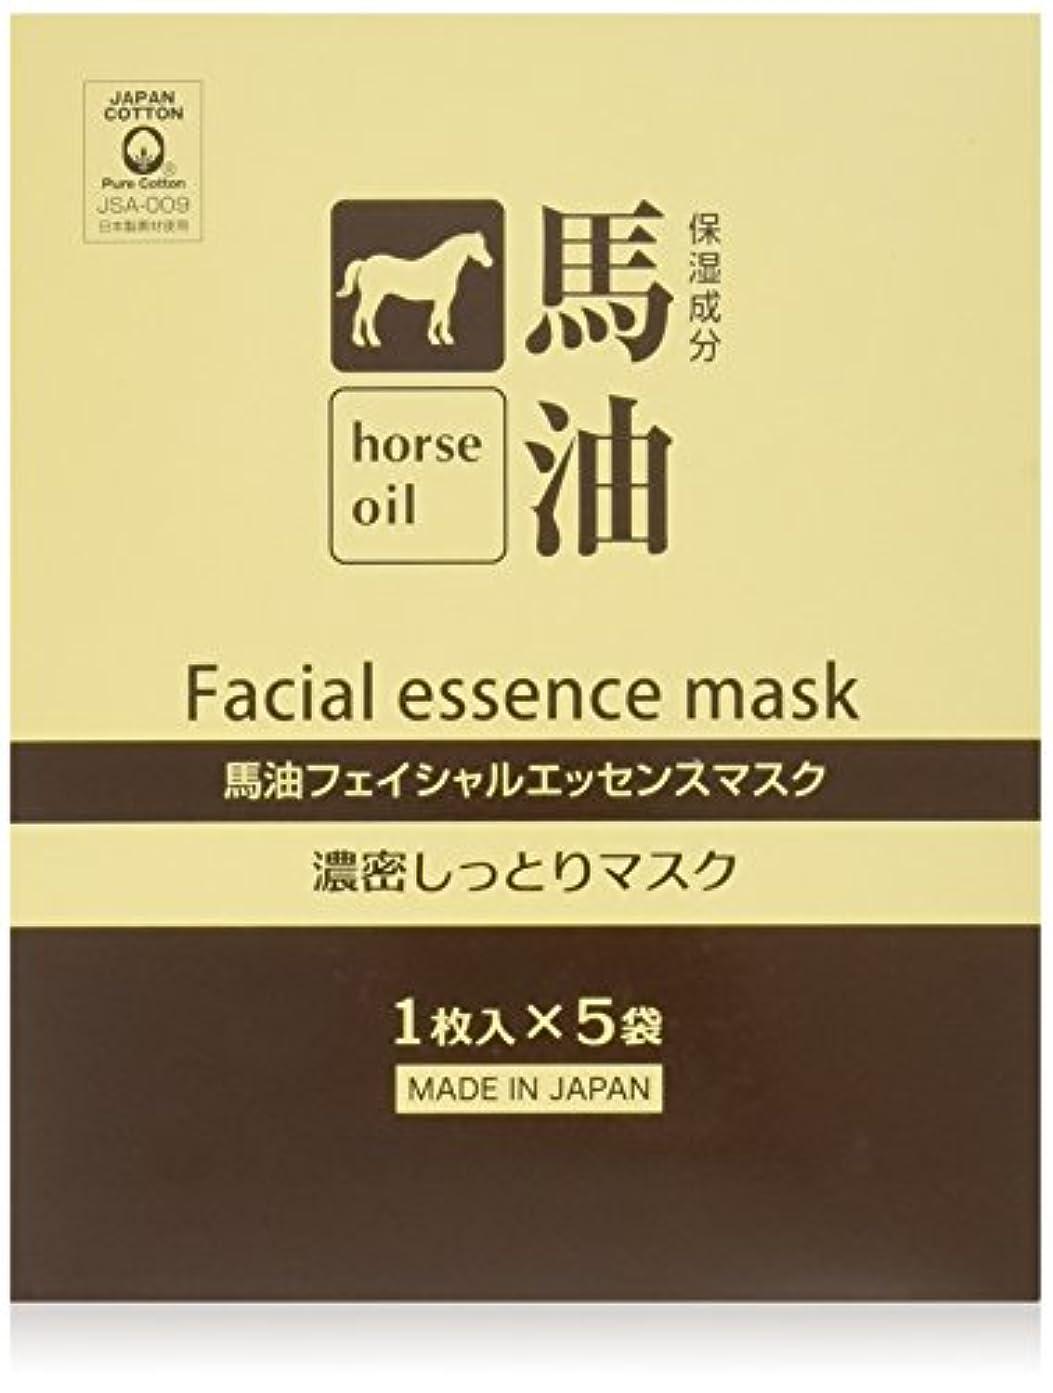 理解するあなたが良くなります危険馬油フェイシャルエッセンスマスク